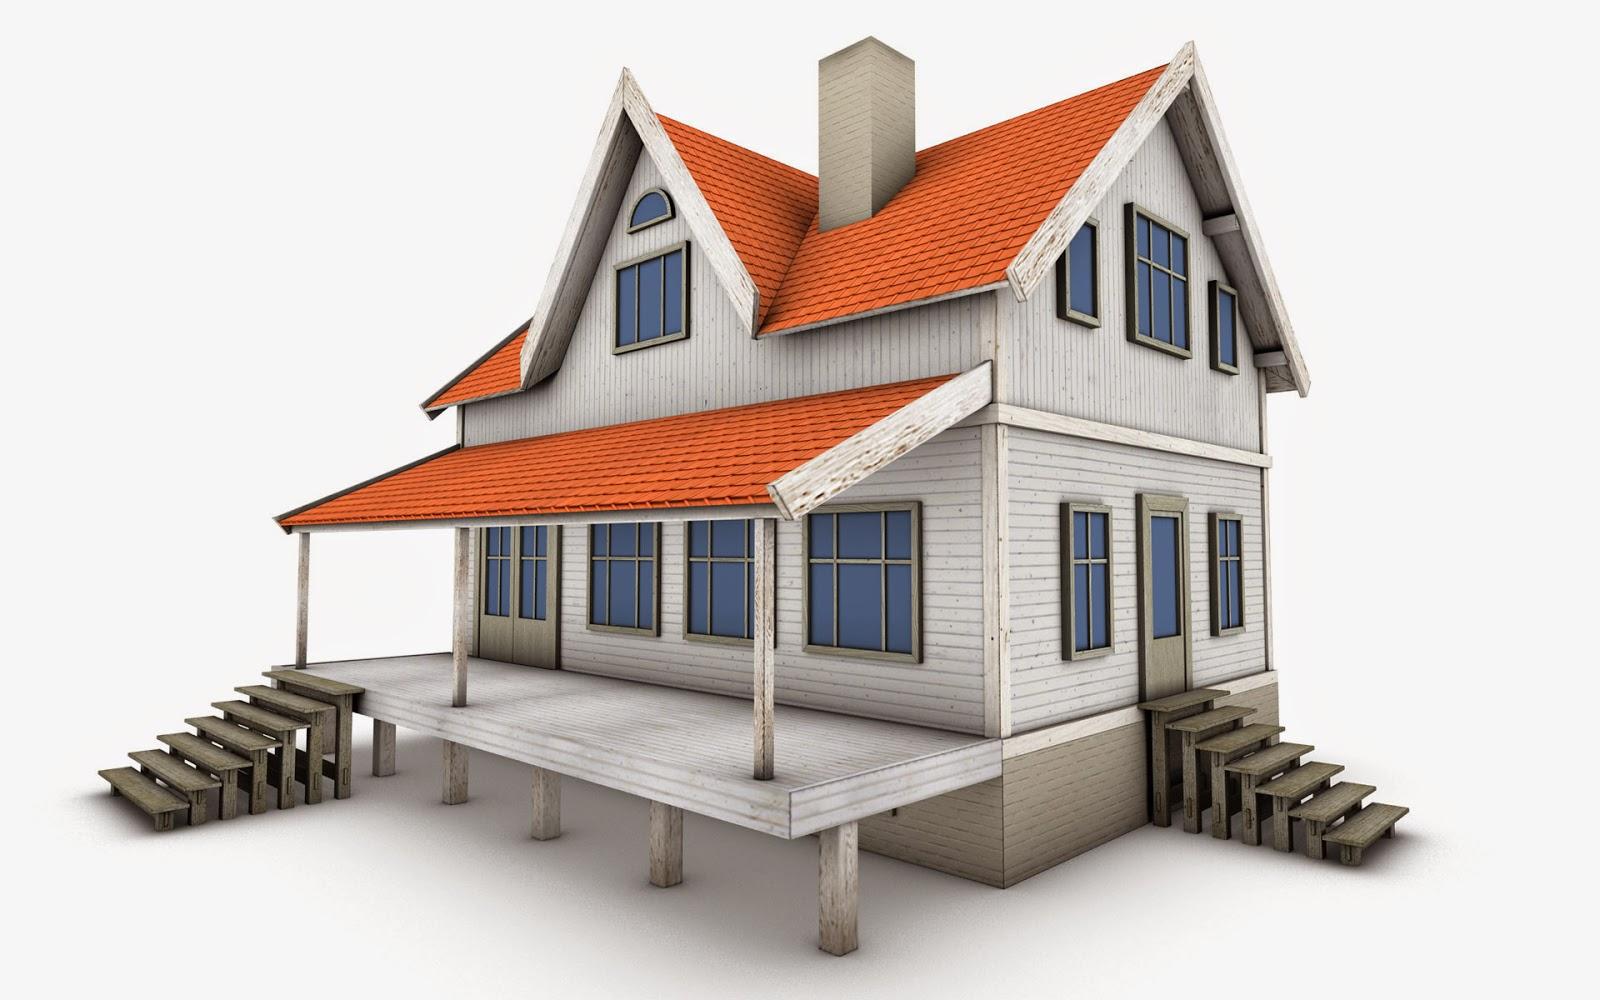 【理財】房子價值自己算!「屋齡」、「樓層」推敲就對了! - 喬王的幸福觀察筆記